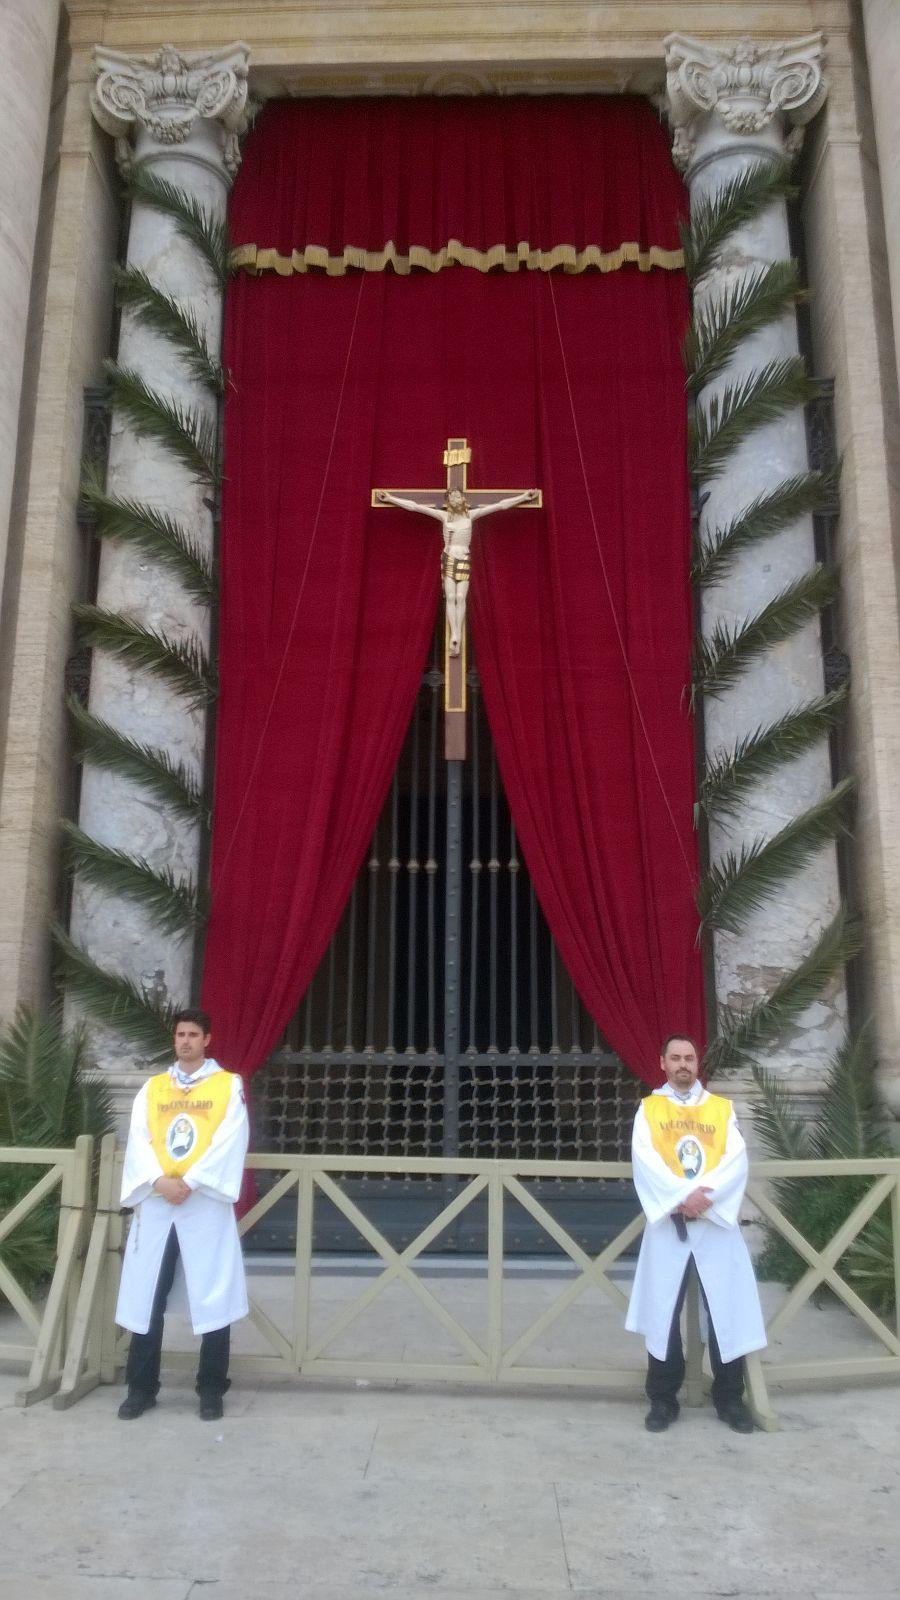 Templari Cattolici a custodia del Crocifisso per la Domenica delle Palme 2016 in piazza San Pietro con papa Francesco